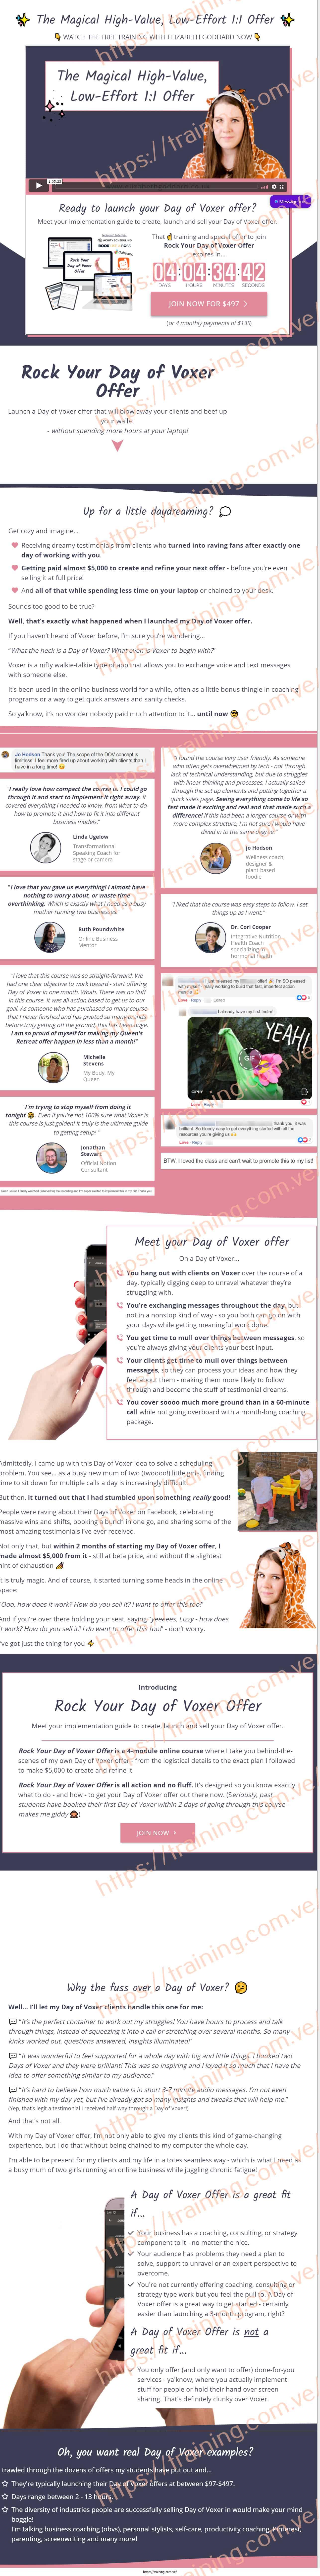 Rock Your Day of Voxer Offer Bundle by Elizabeth Goddard Sale Page1